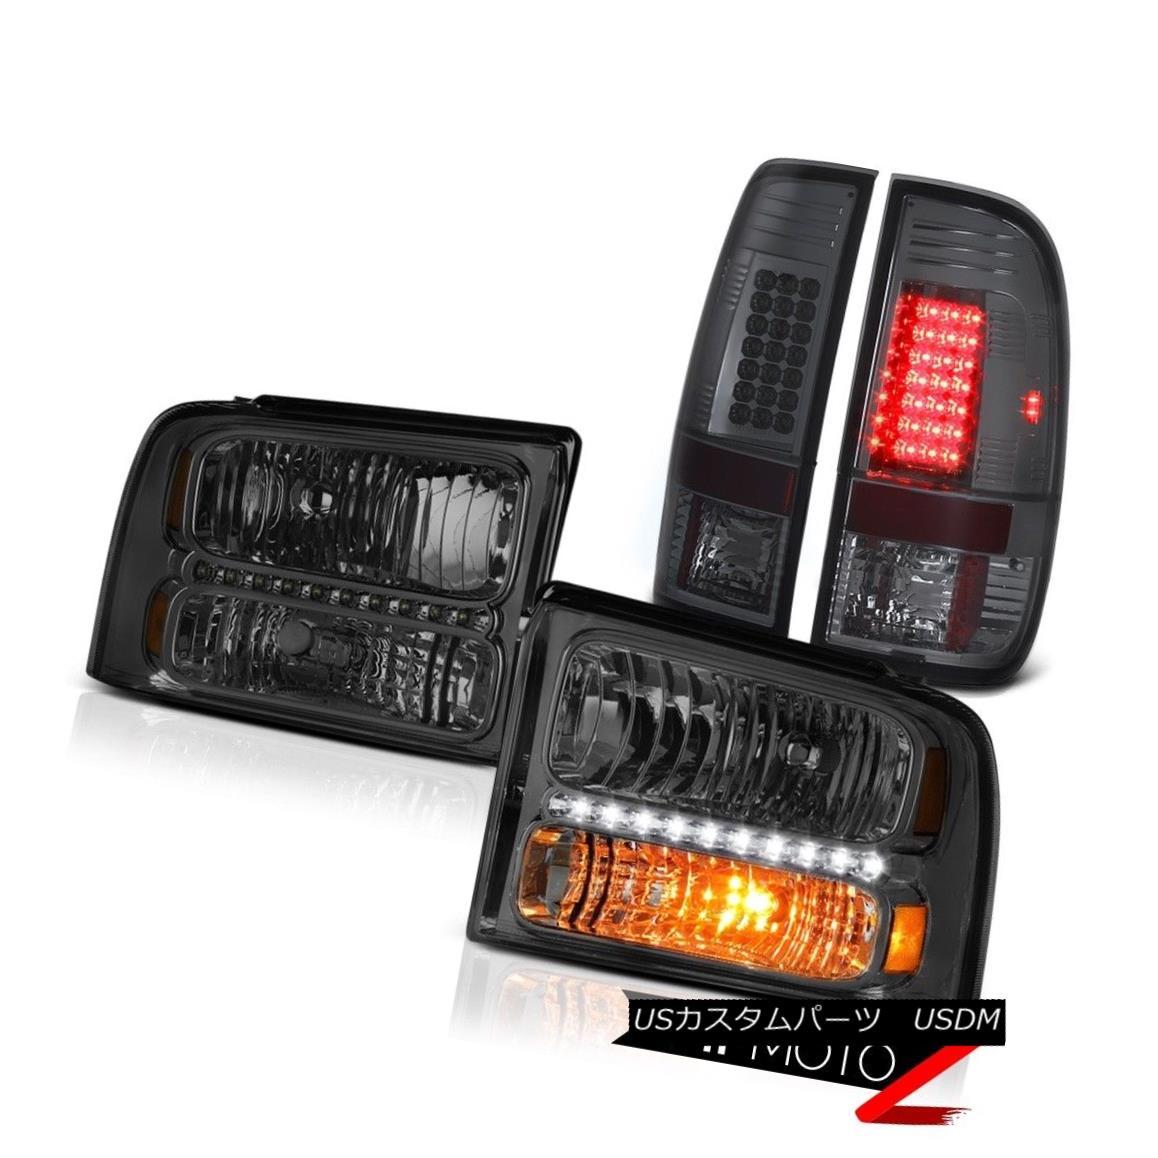 テールライト Smoke Tinted Headlamps LED Tail Lights 2005 2006 2007 Ford F250 F350 King Ranch 煙を発するヘッドランプLEDテールライト2005 2006 2007 Ford F250 F350キングランチ